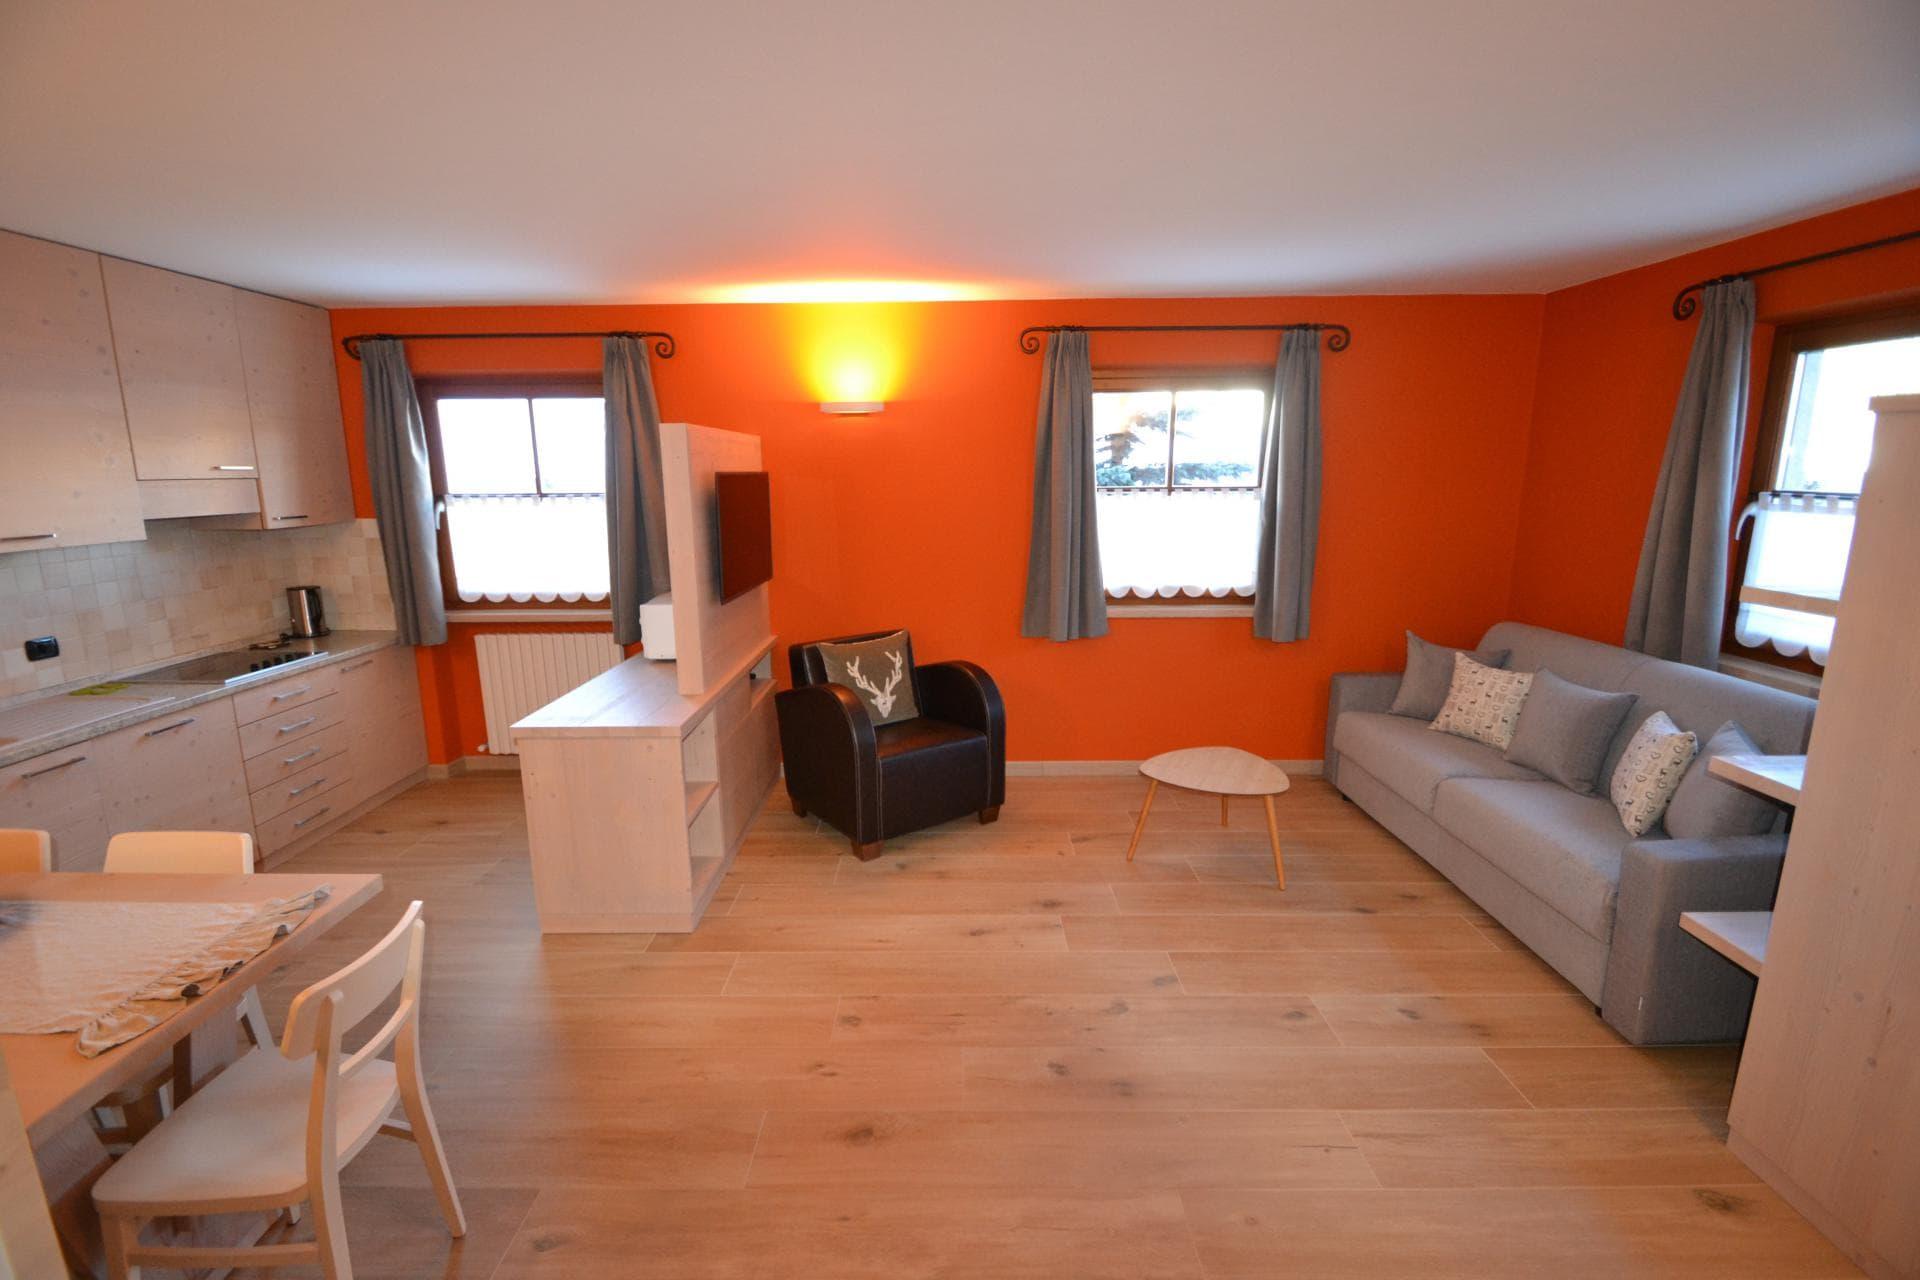 Casa Urbani - Apartments for rent in Livigno